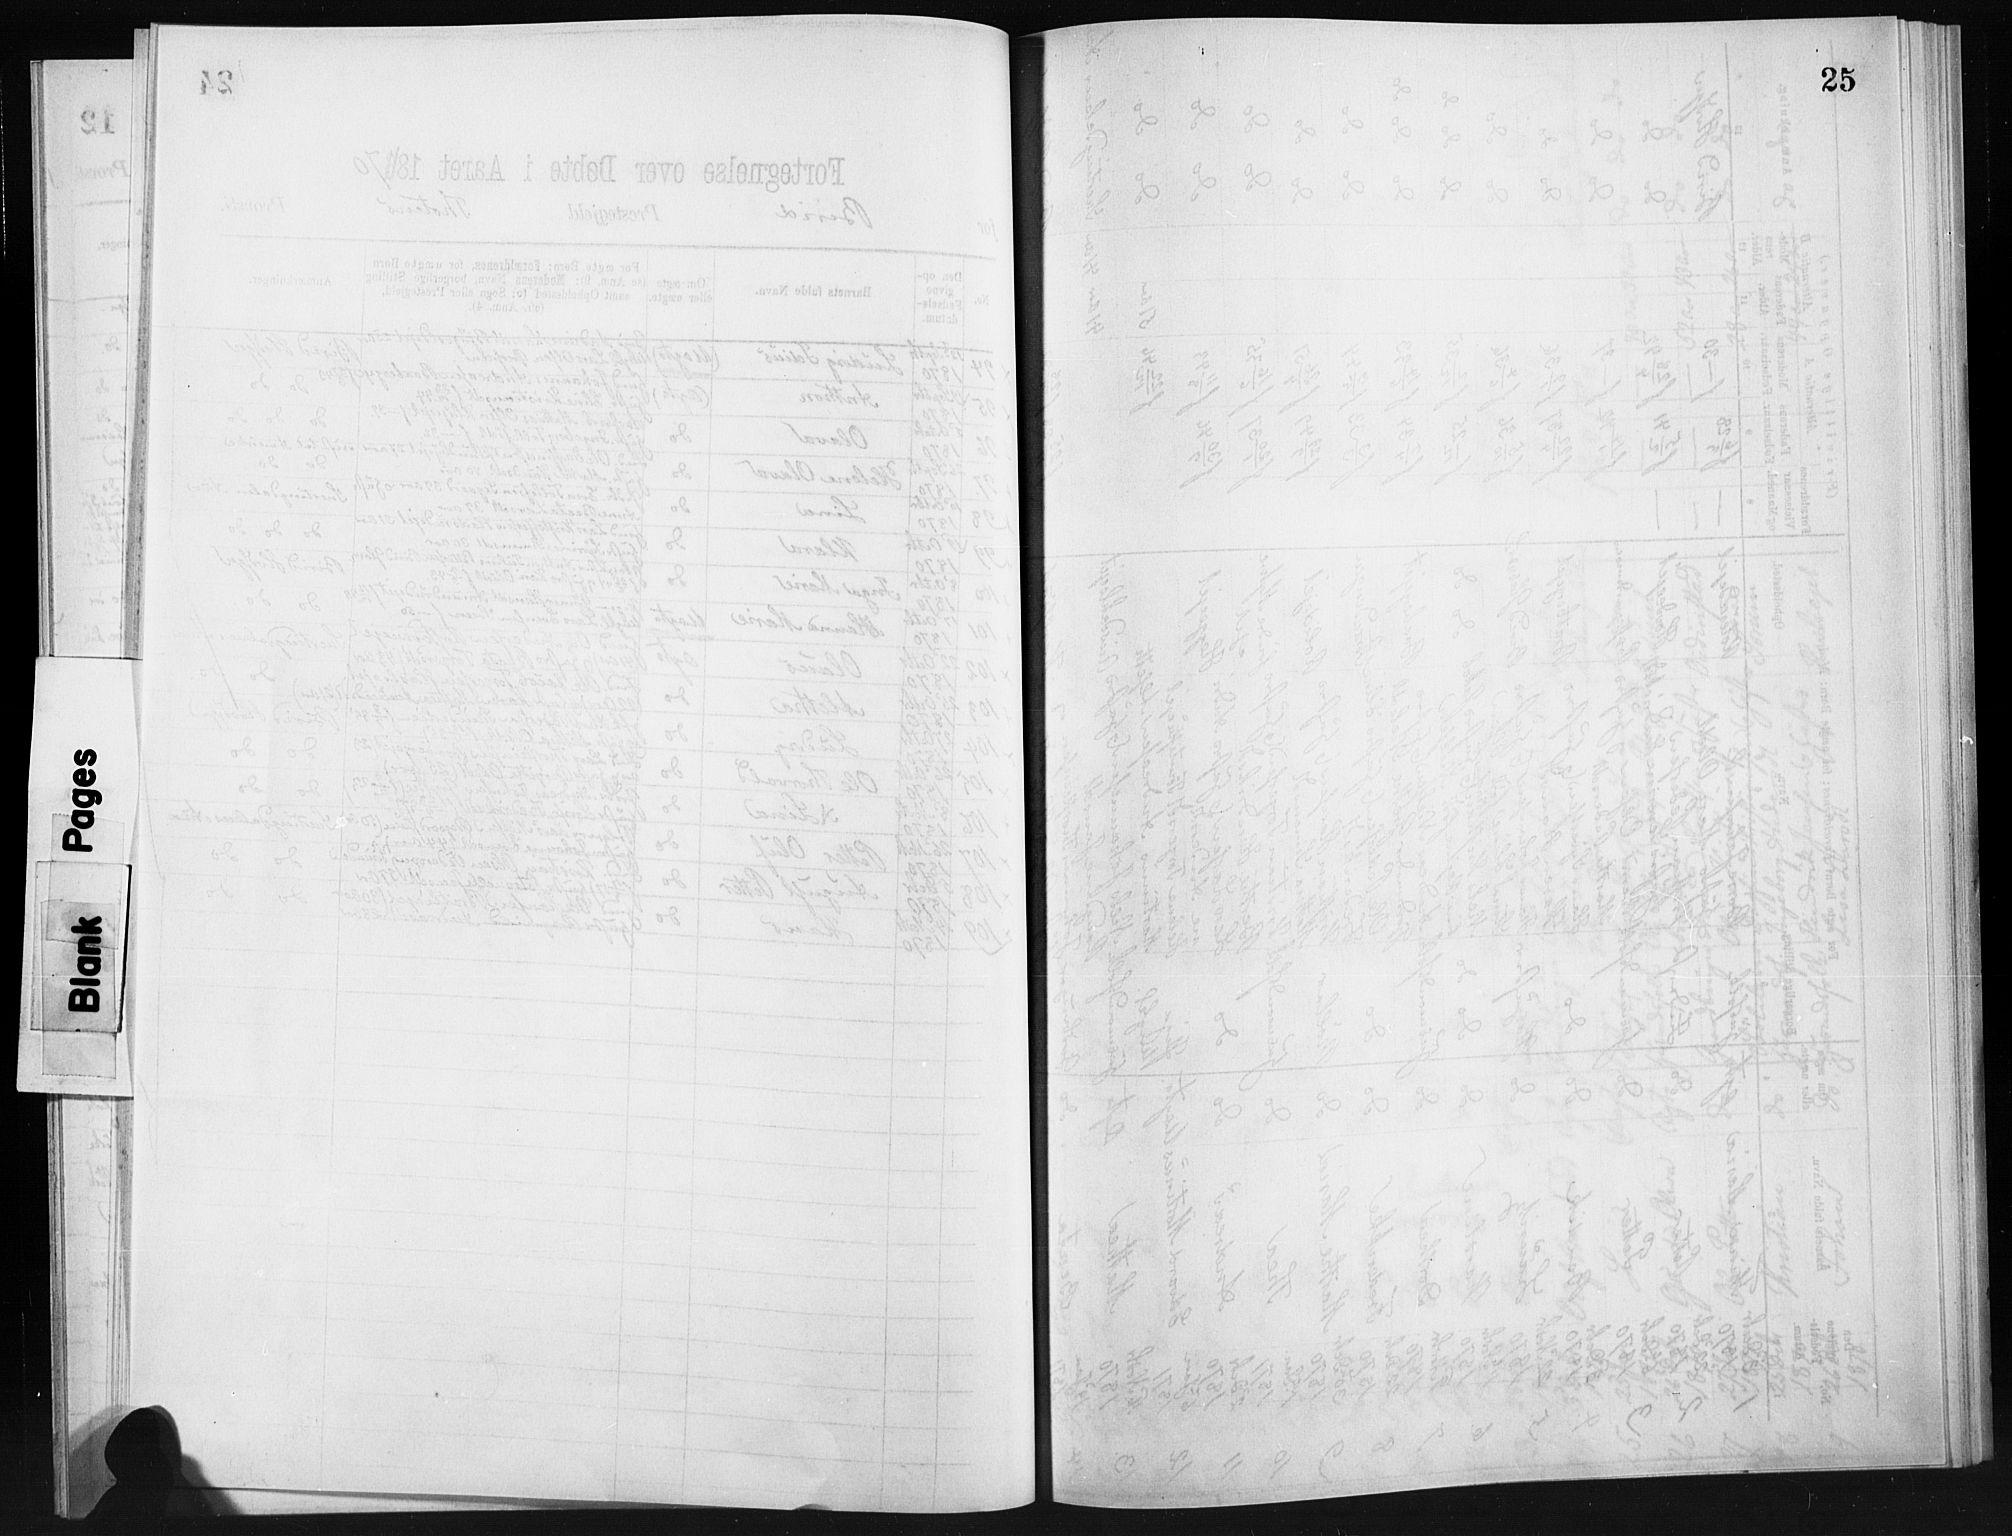 SAH, Biri prestekontor, Ministerialbok, 1866-1872, s. 25